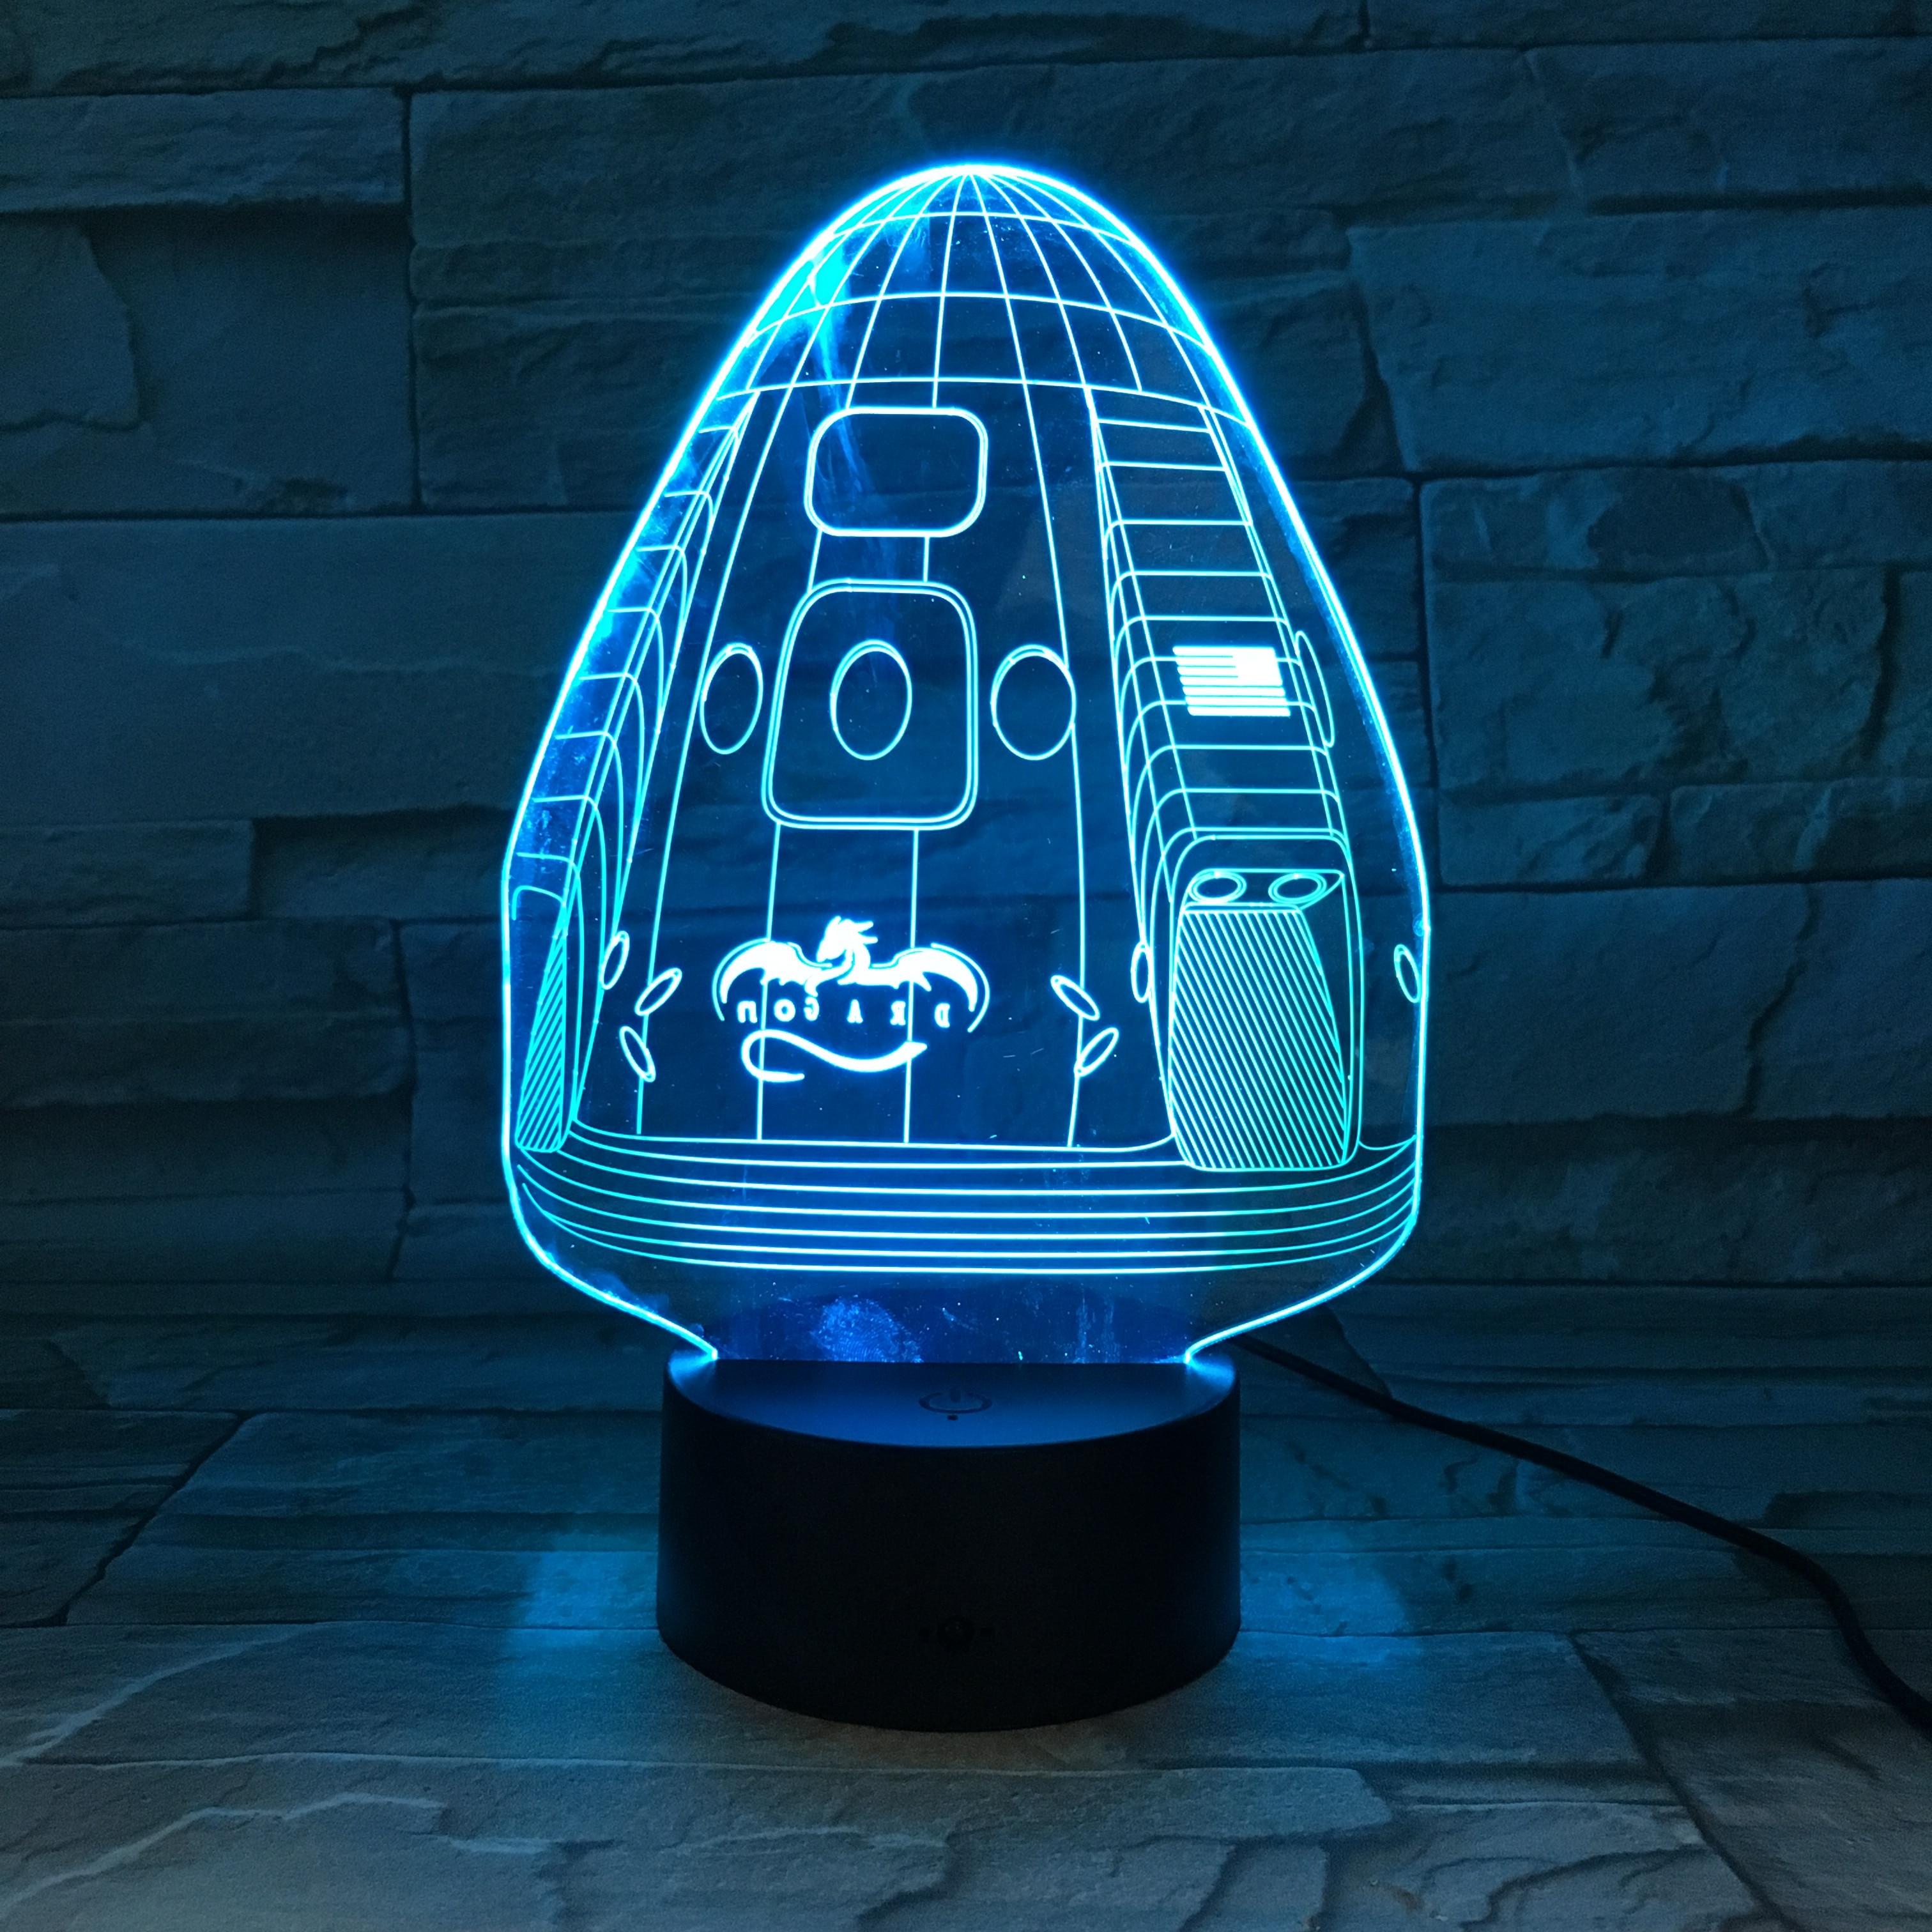 Espacio X dragón nave espacial 3D lampara mejor regalo para Astronomy Enthusiast batería operado lámpara de luz Led nocturna 2019 mejor venta